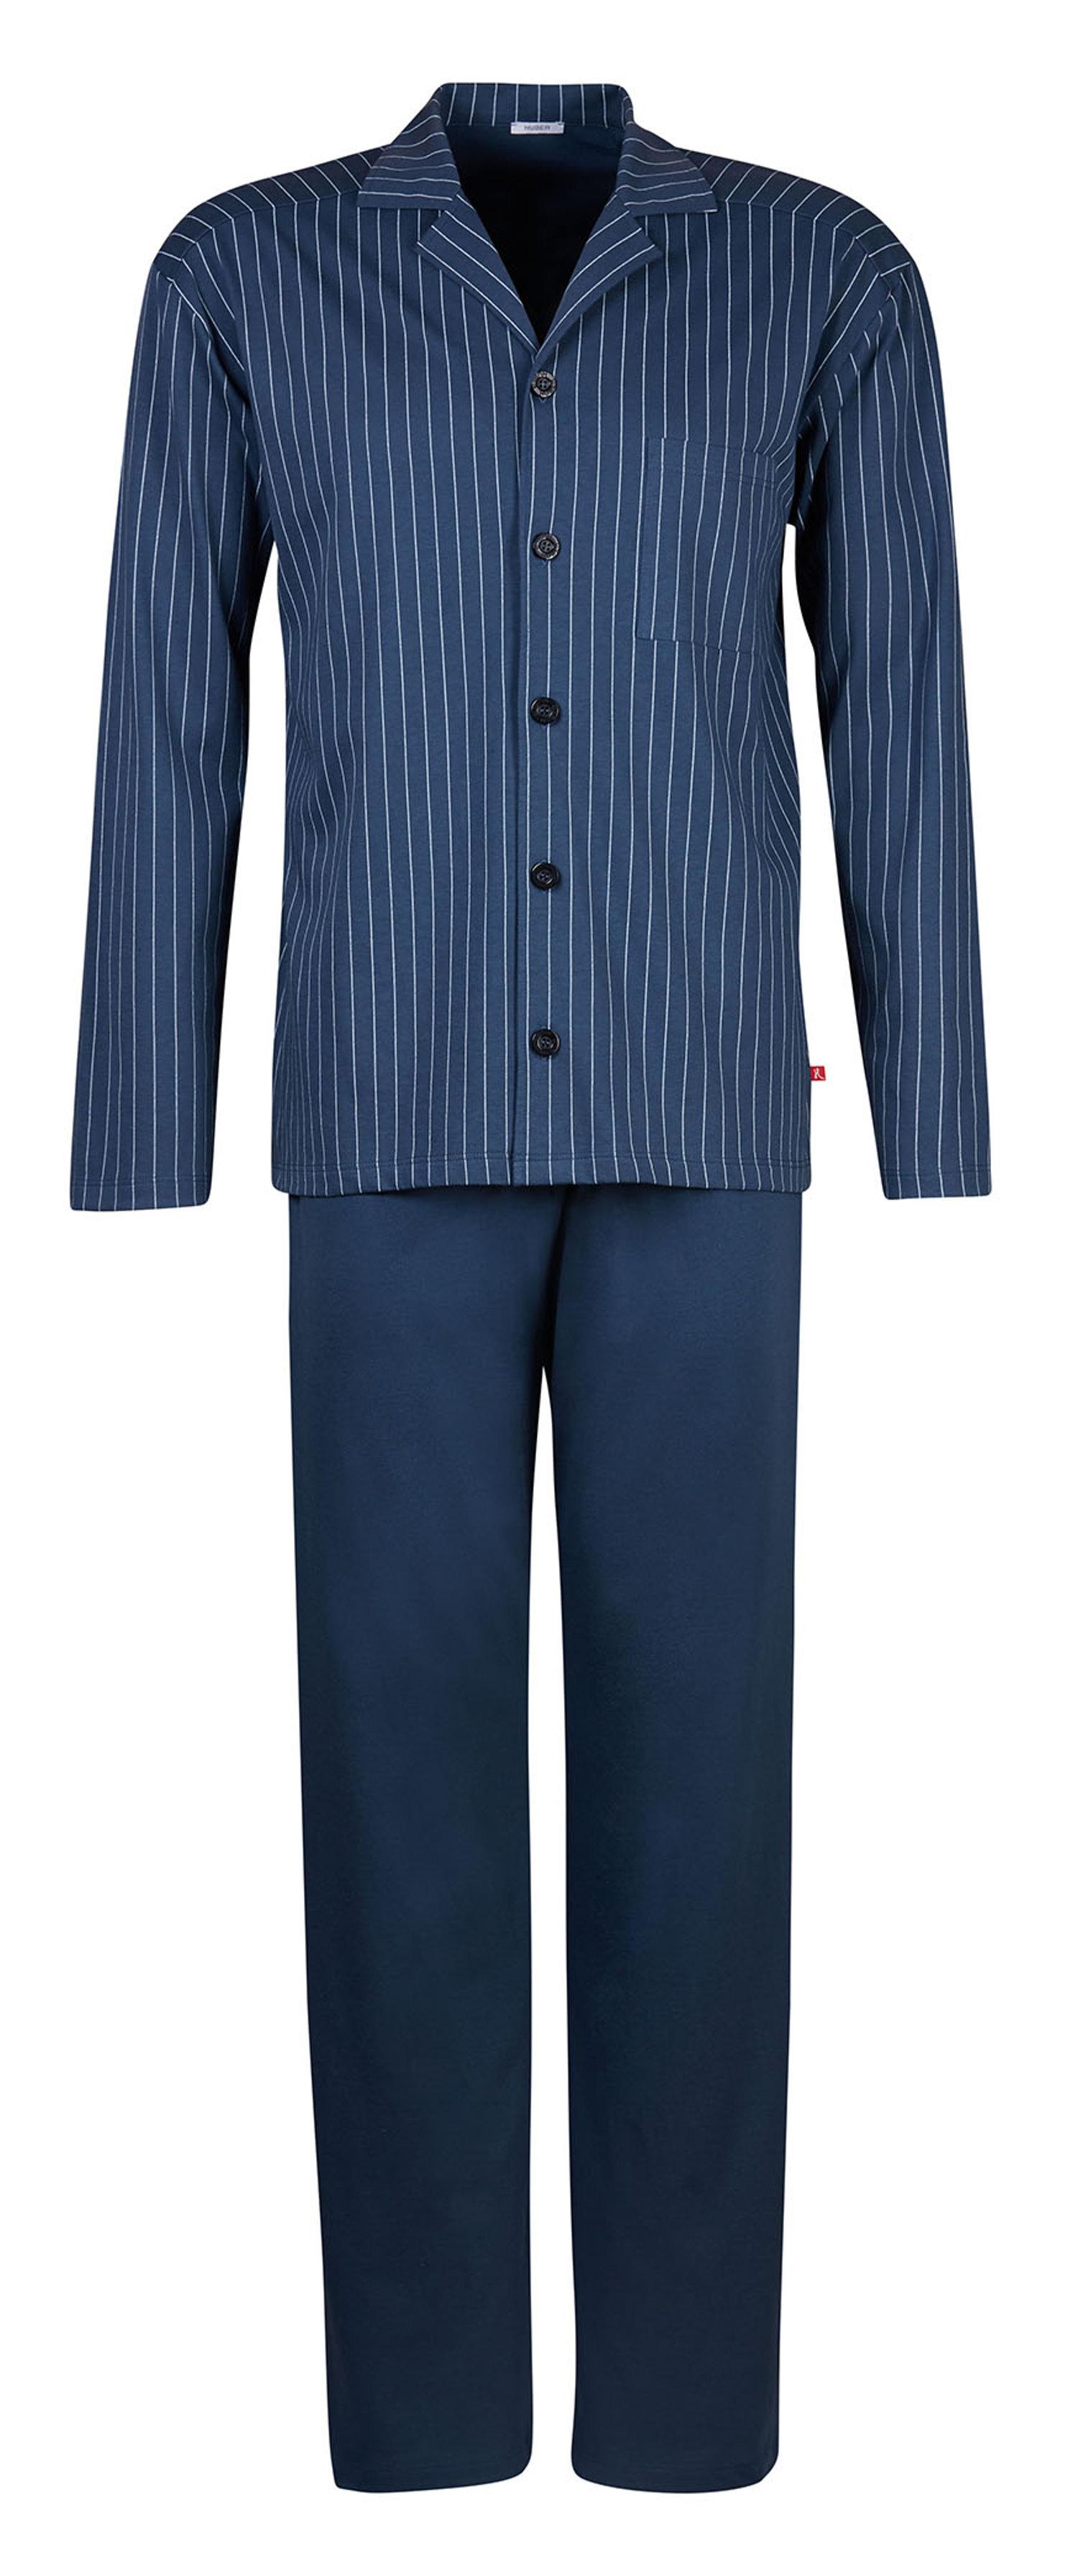 hoch gelobt bekannte Marke schön billig Details zu Huber Herren Schlafanzug Pyjama petrol 17595 6692